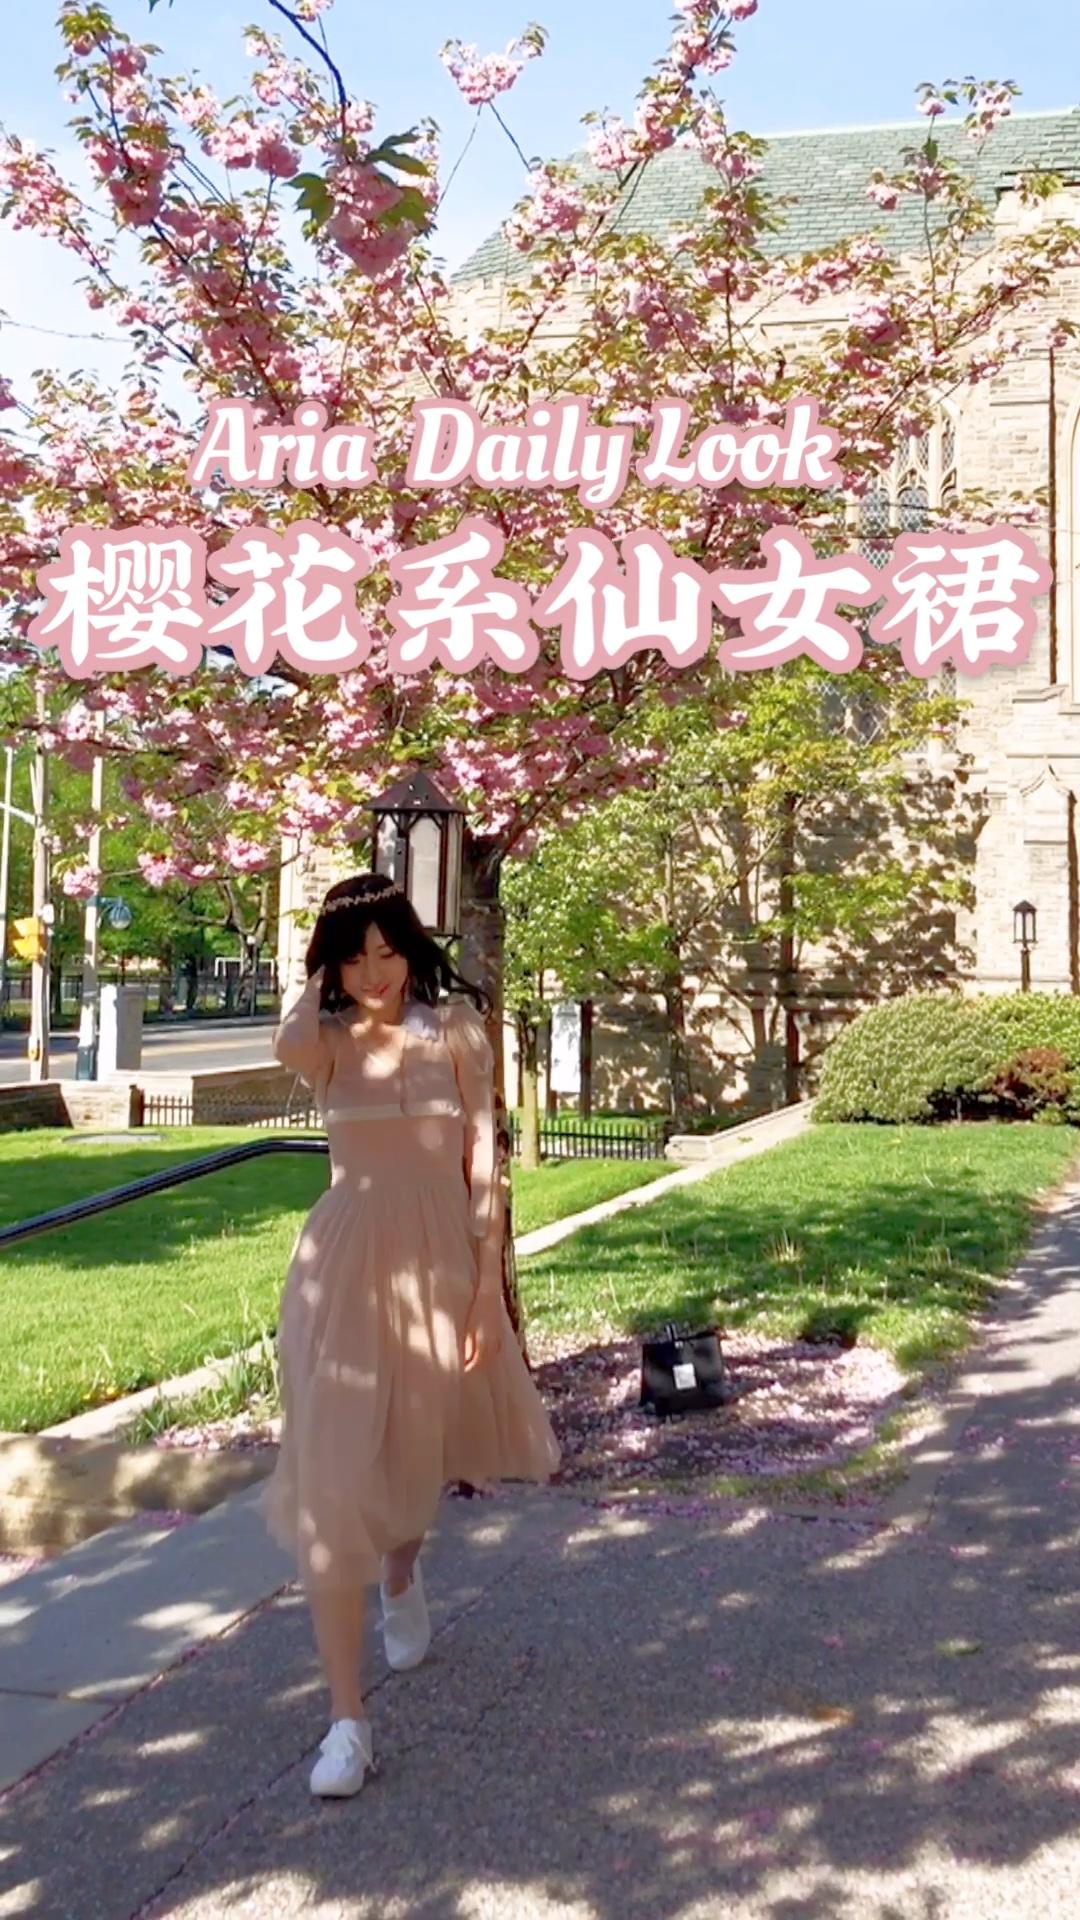 #果味少女夏日套装#  让人沦陷的仙女裙,赫本式的优雅,淡粉色🌸色系 露背设计又有点小性感, 真是很仙很春夏的气息 搭配羽毛耳饰更有仙气哦